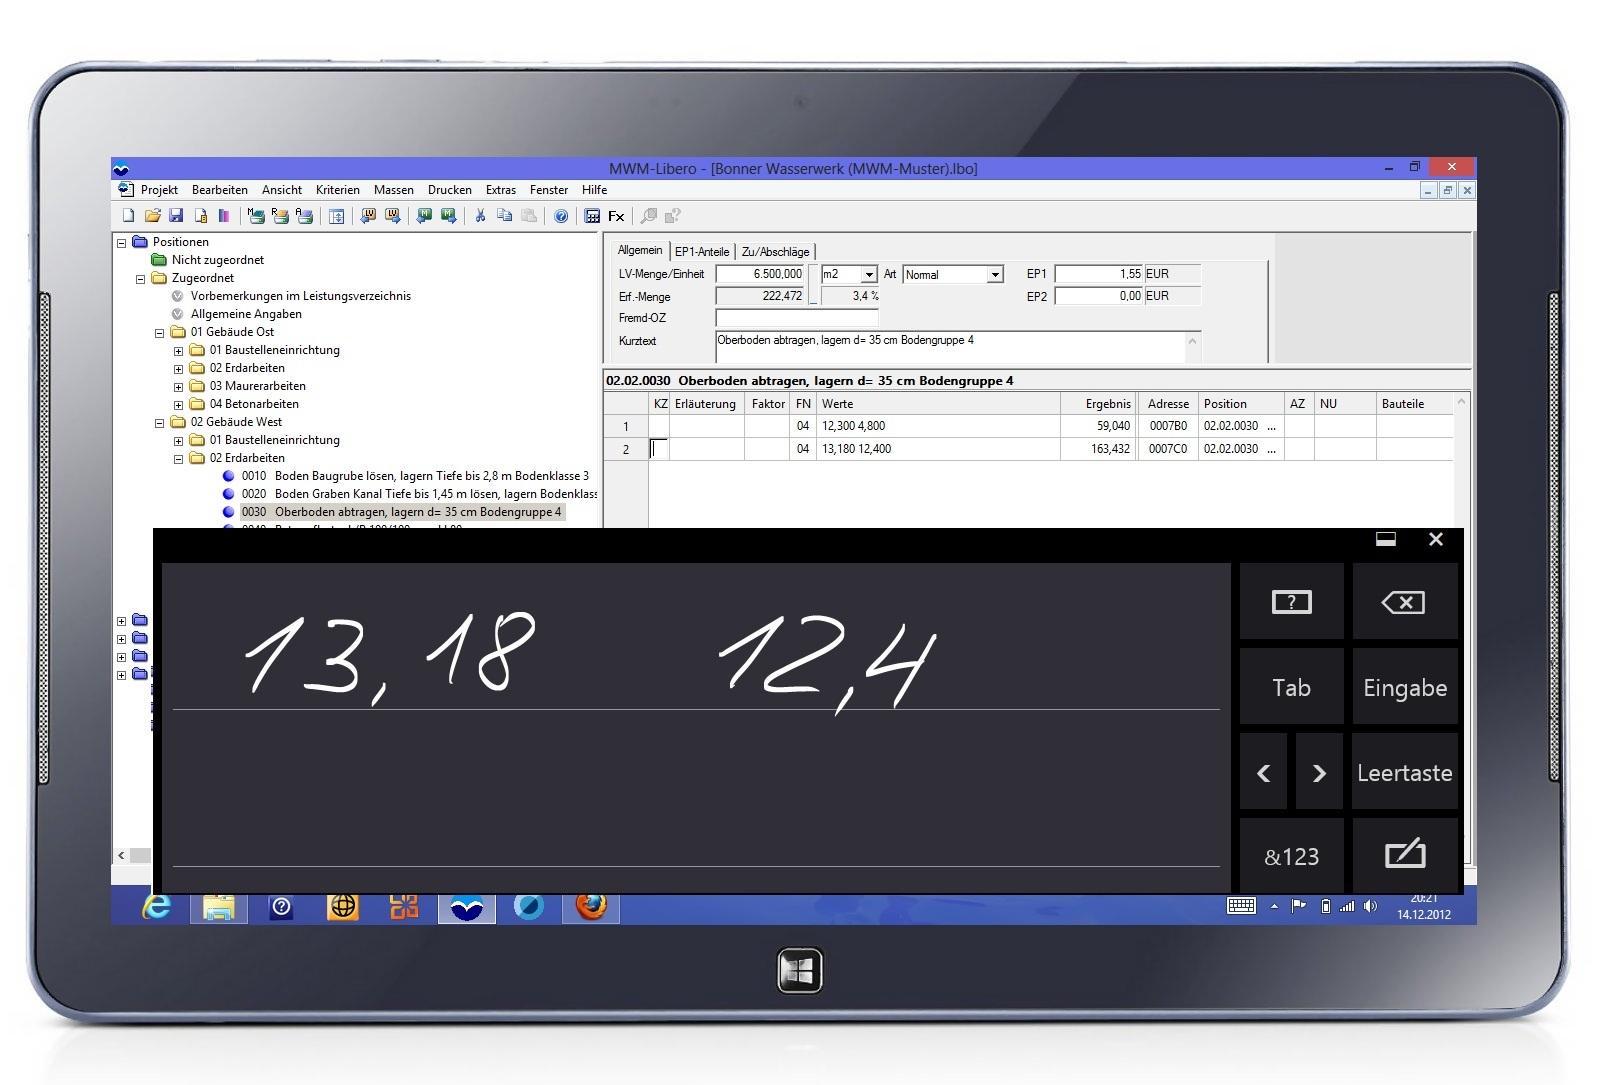 Laser Entfernungsmesser Software : Mwm software beratung gmbh · termine messen und veranstaltungen